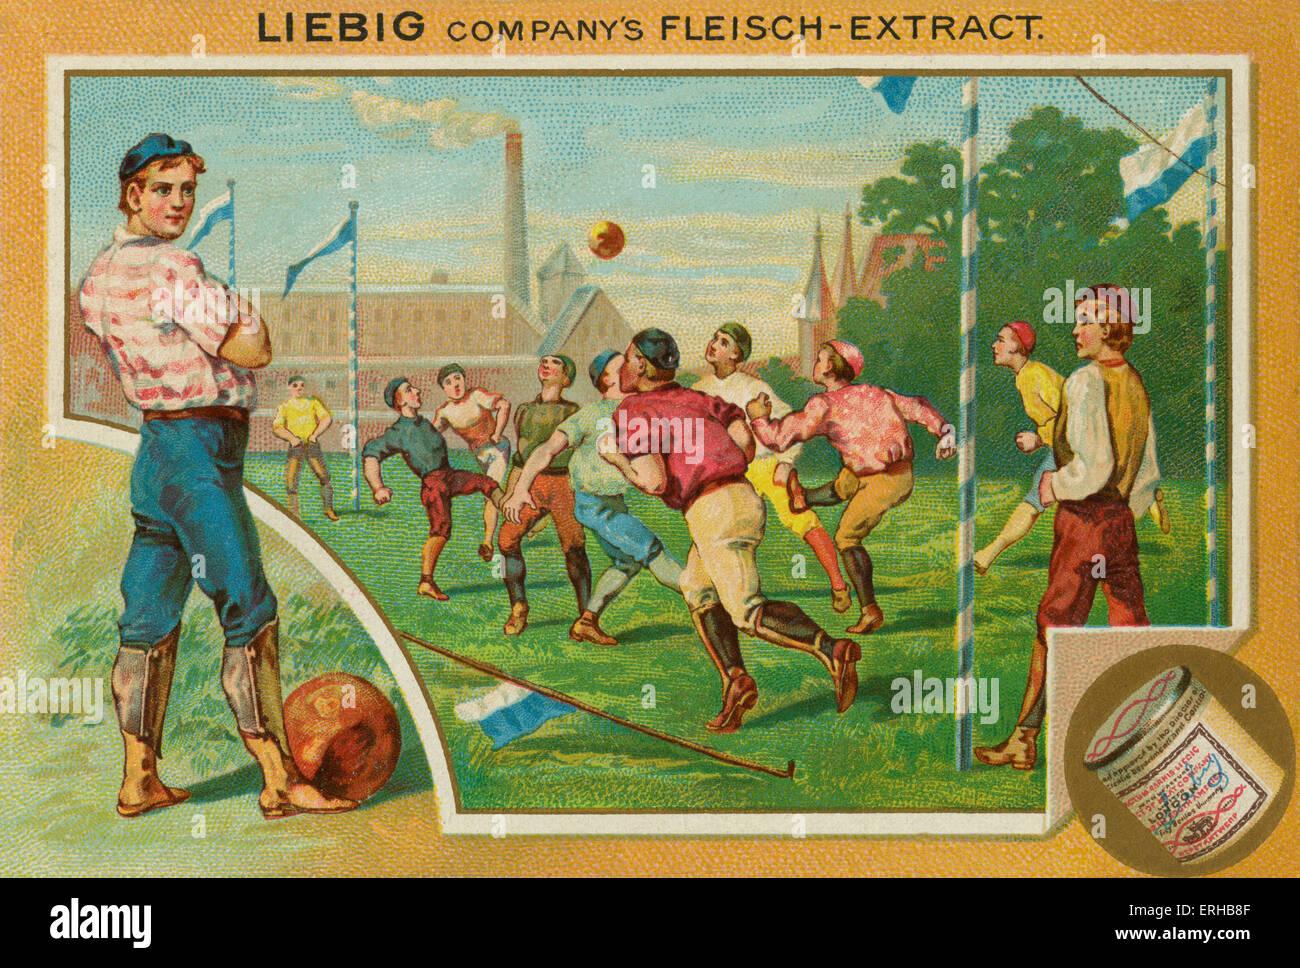 Una partita di calcio. Scheda di Liebig, Sport, 1896. Immagini Stock